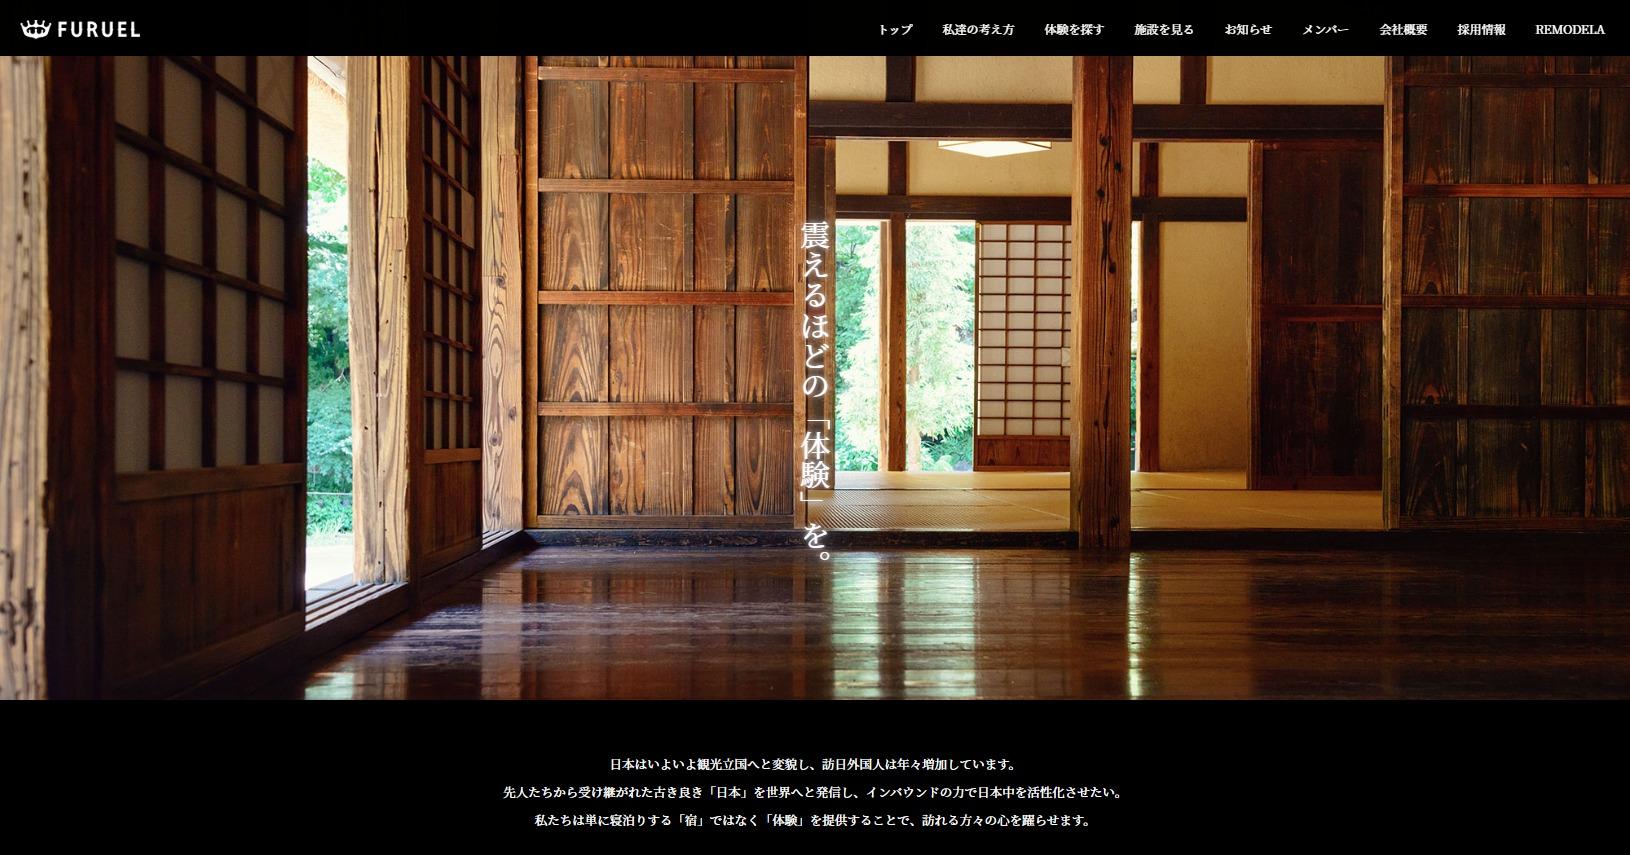 FireShot Capture 041 - FURUEL Inc. - 震えるほどの「体験」を。 - furuel.co.jp